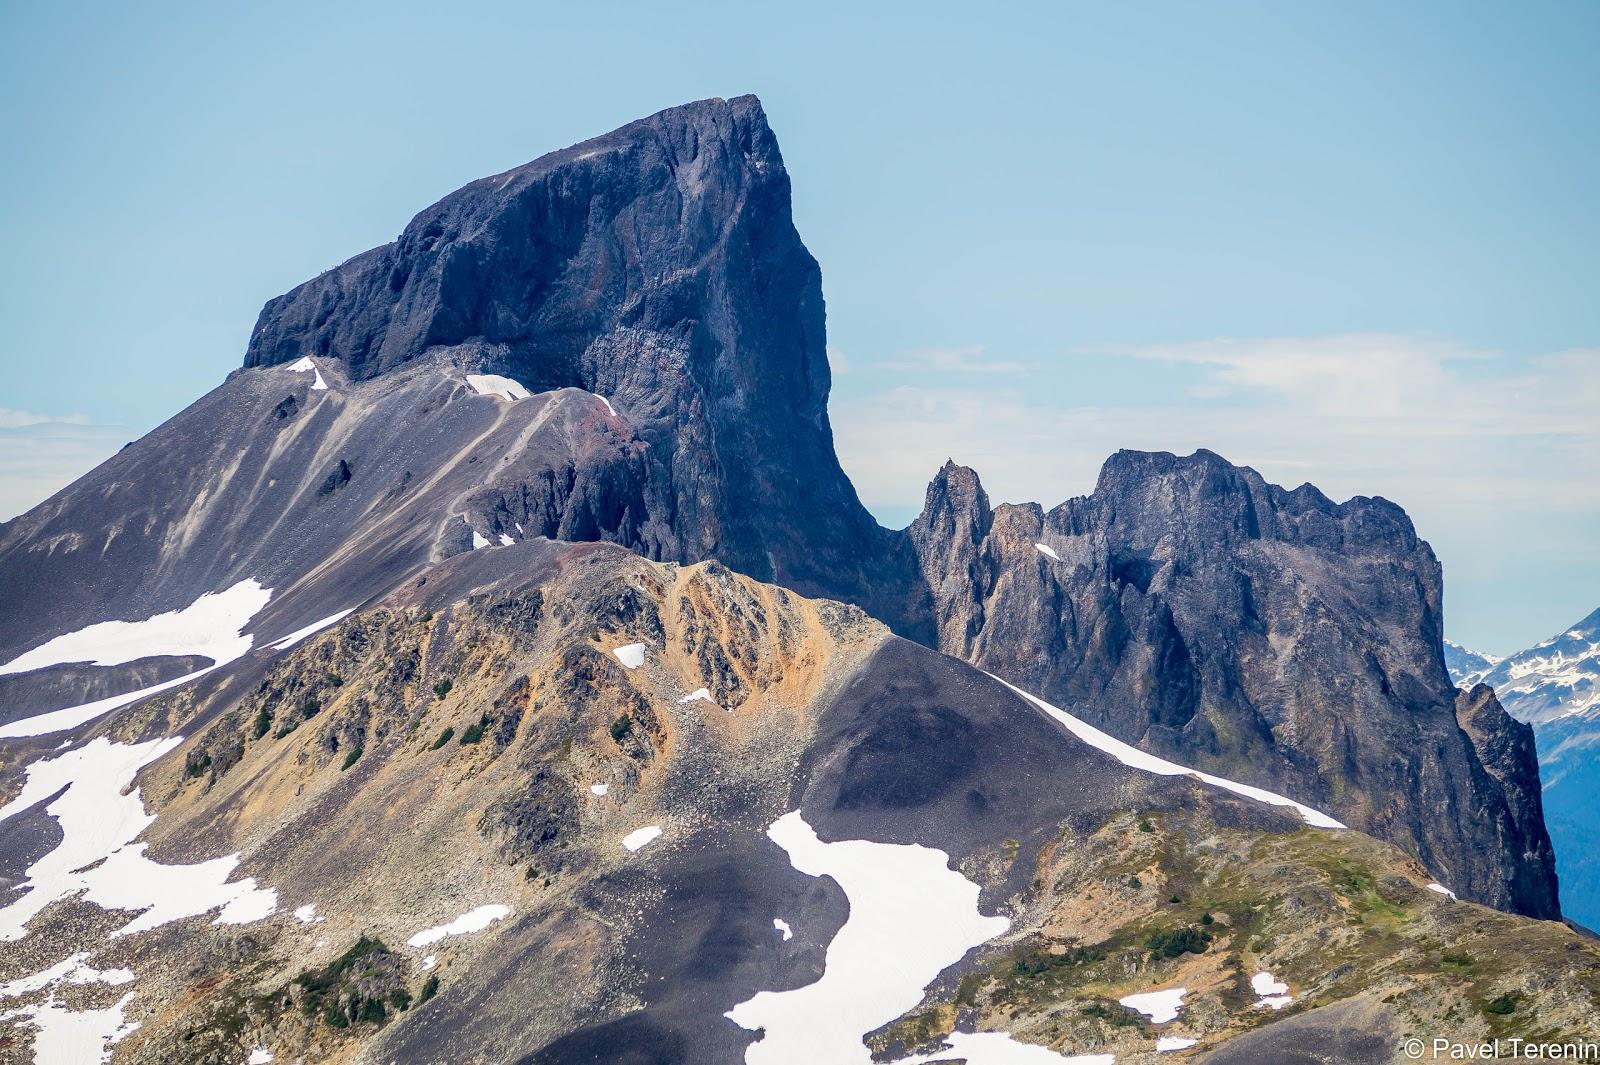 Потухшему вулкану уже более миллиона лет